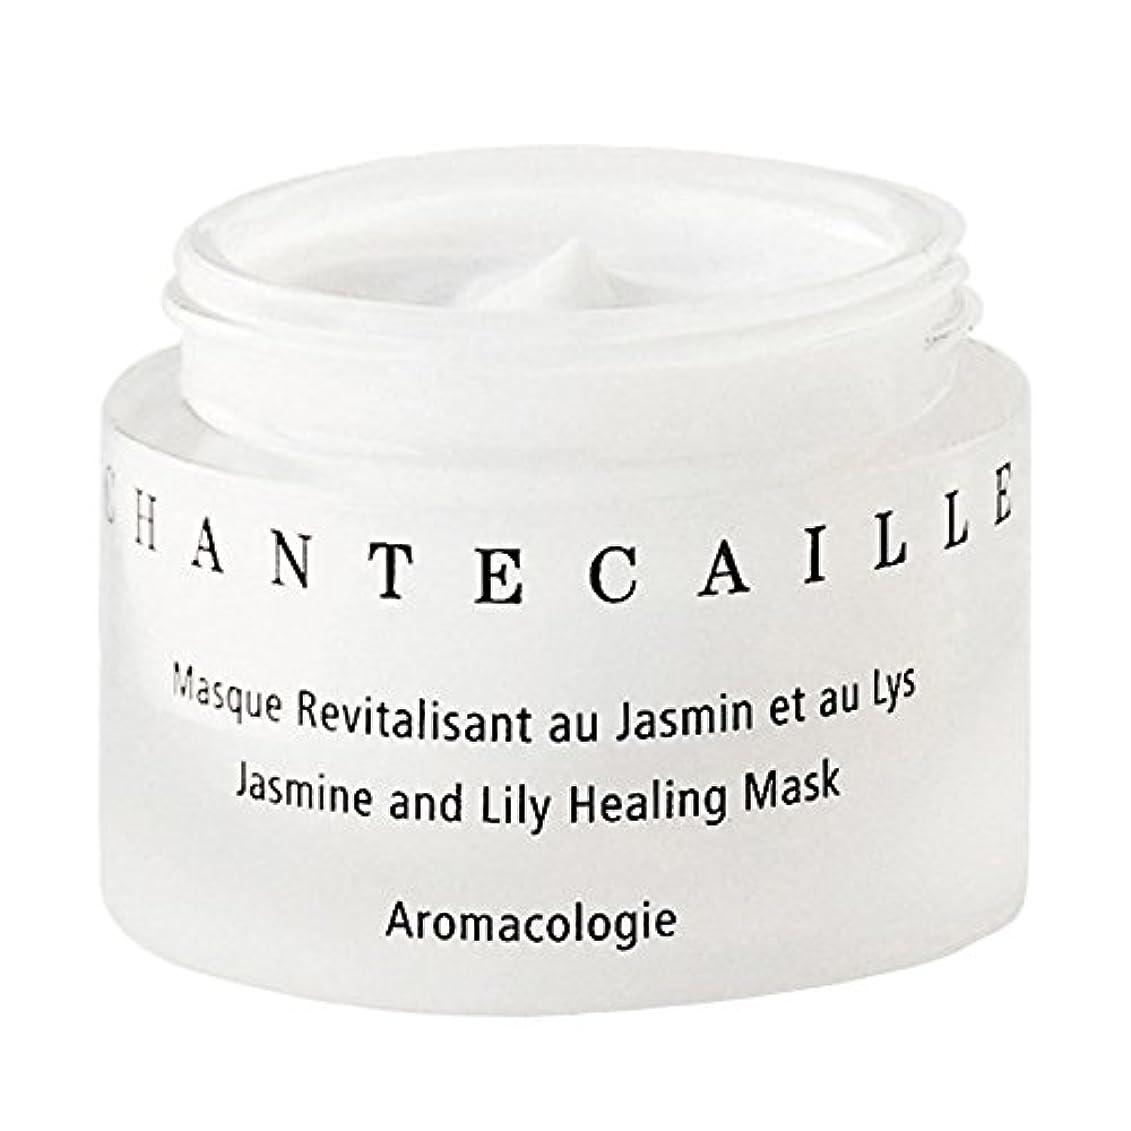 世紀十分ではない乳白色シャンテカイユのジャスミンとユリ癒しのマスク、シャンテカイユ x4 - Chantecaille Jasmine and Lily Healing Mask, Chantecaille (Pack of 4) [並行輸入品]